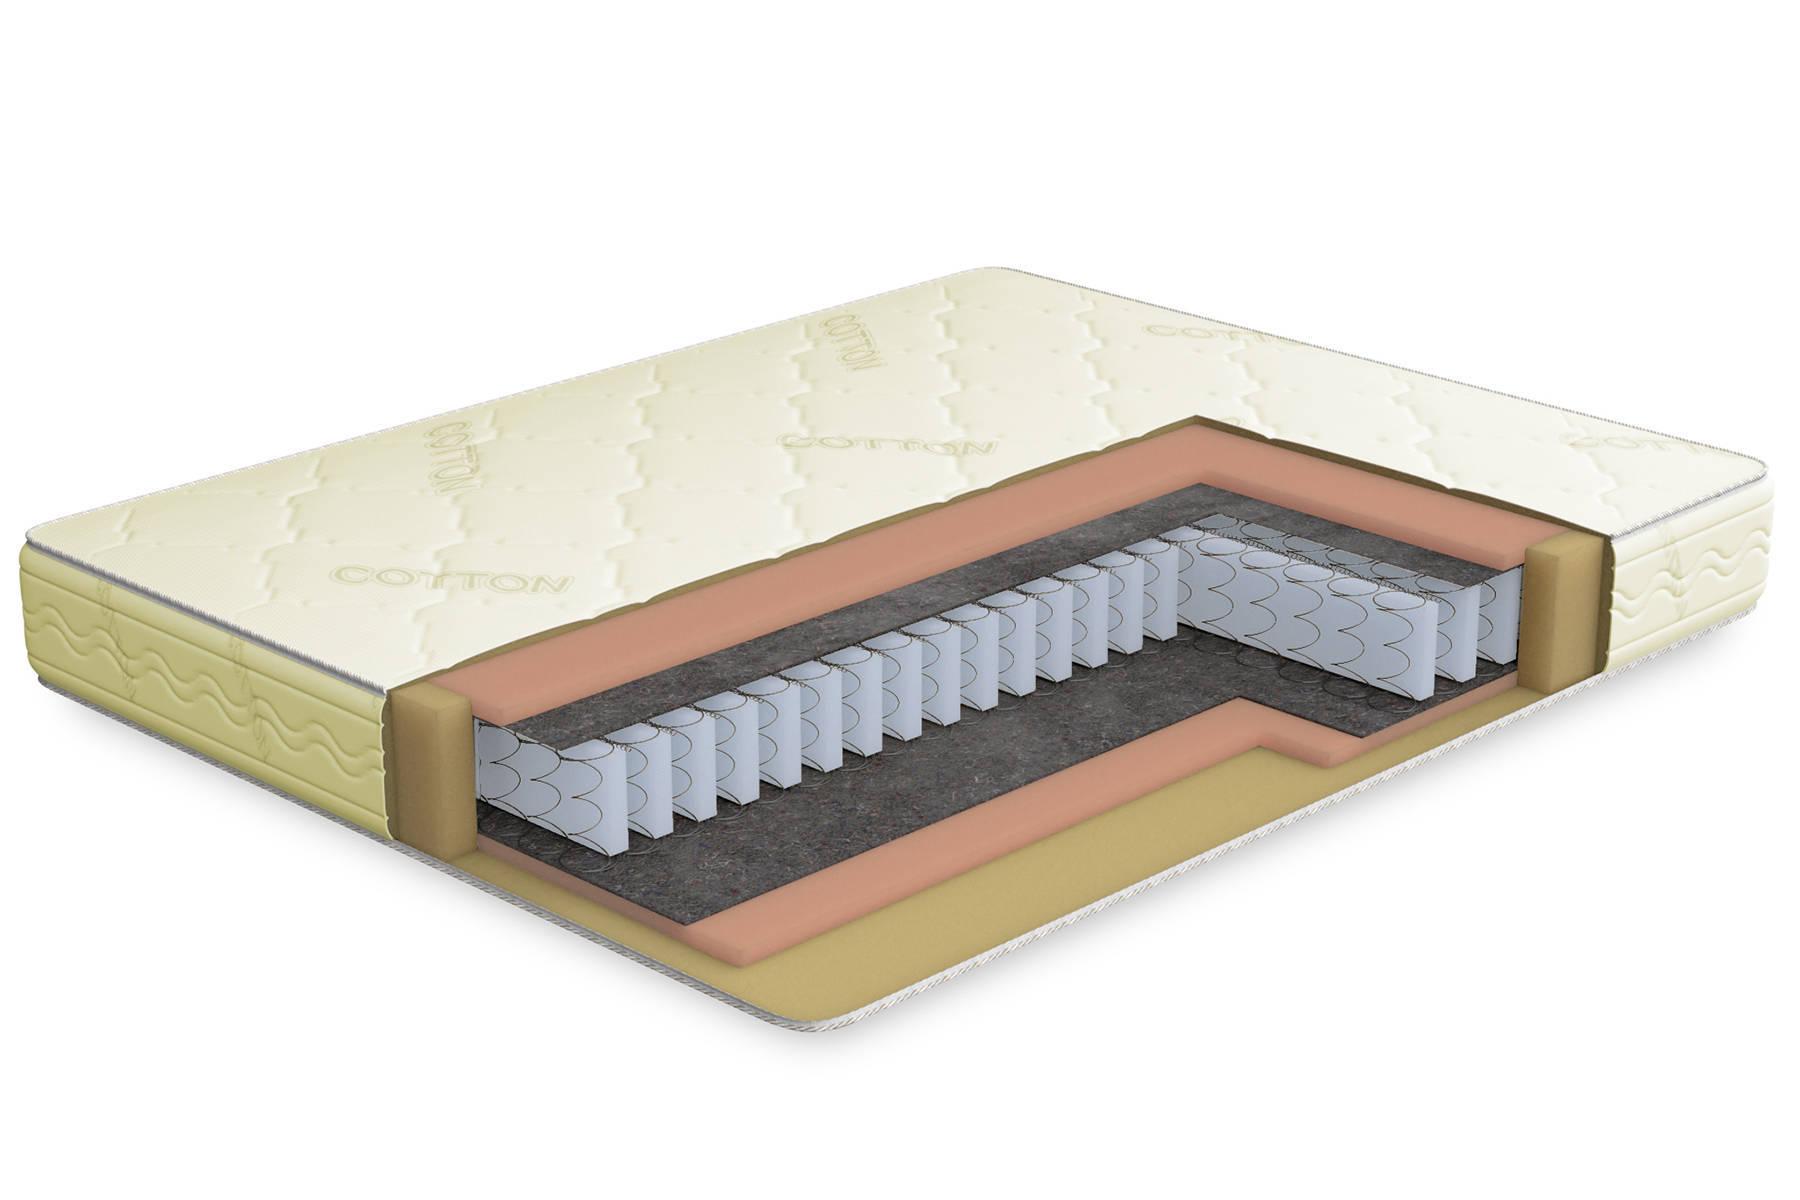 где можно купить угловой диван